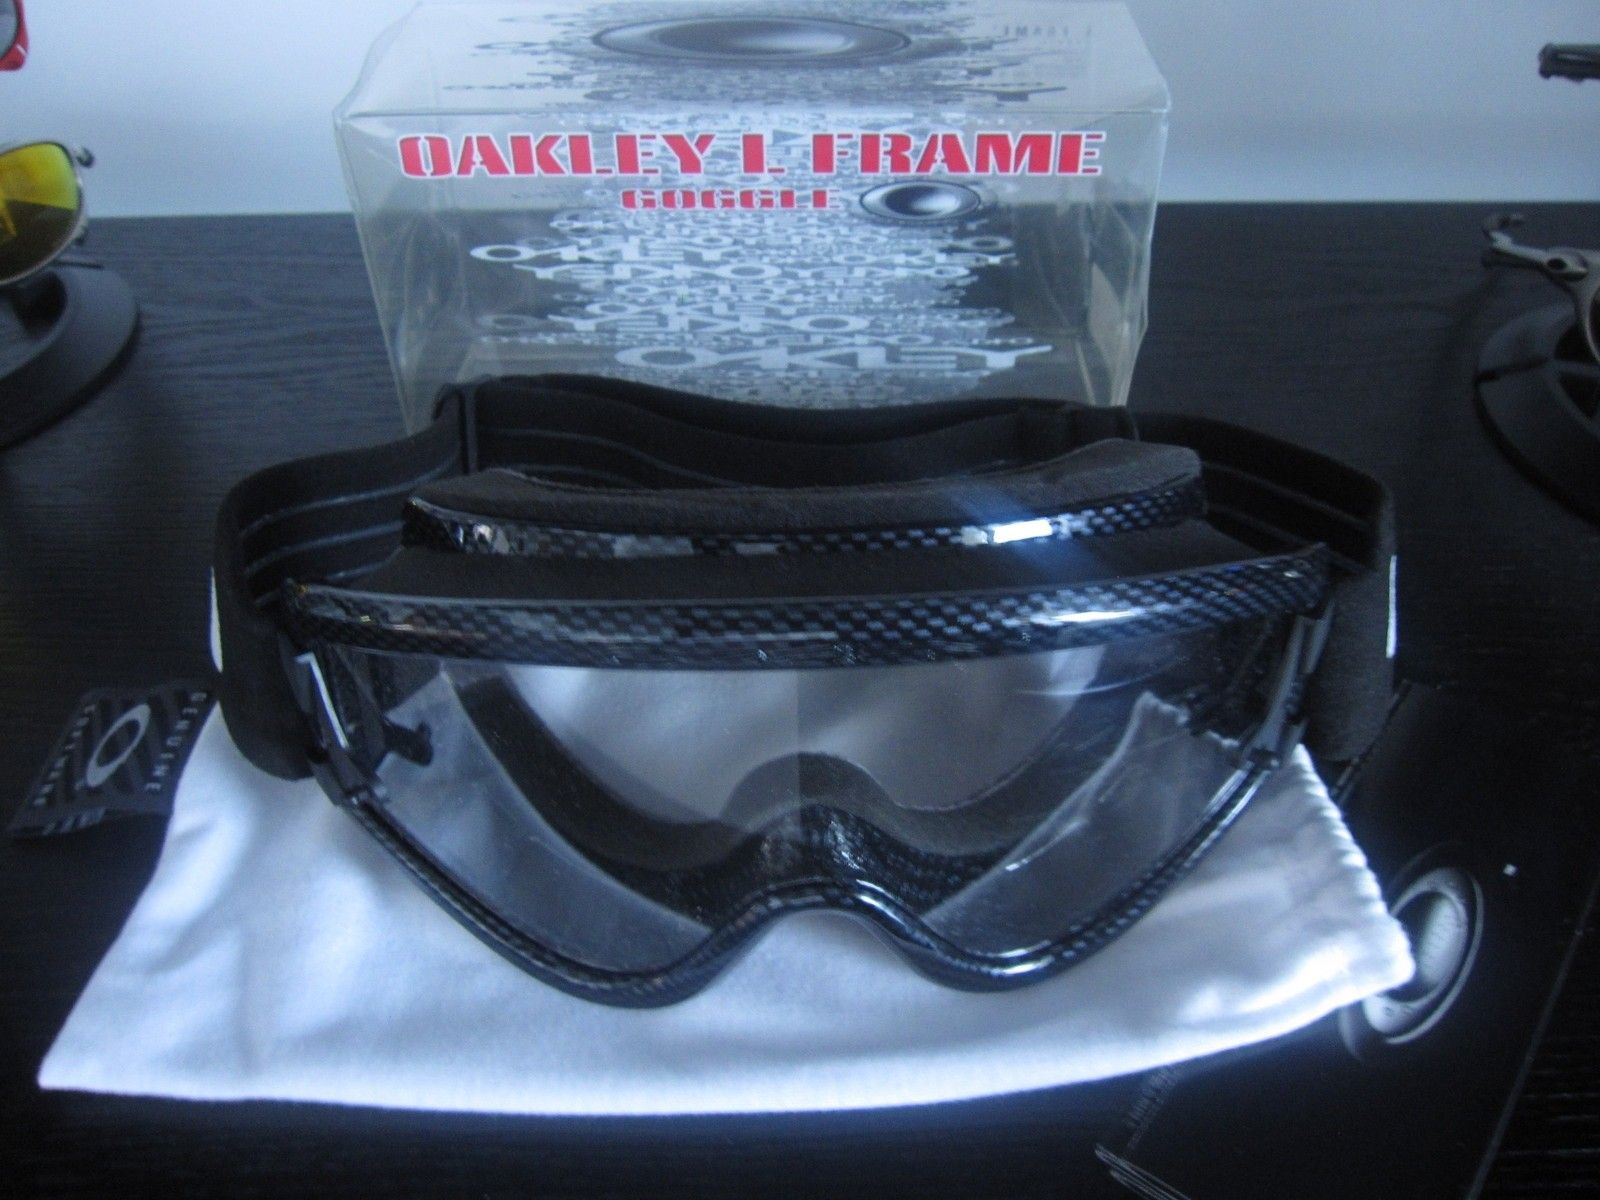 3a25dc1aae72 OAKLEY L FRAME MX - Over Glasses goggles Atv Moto dirt - Carbon Fiber ...